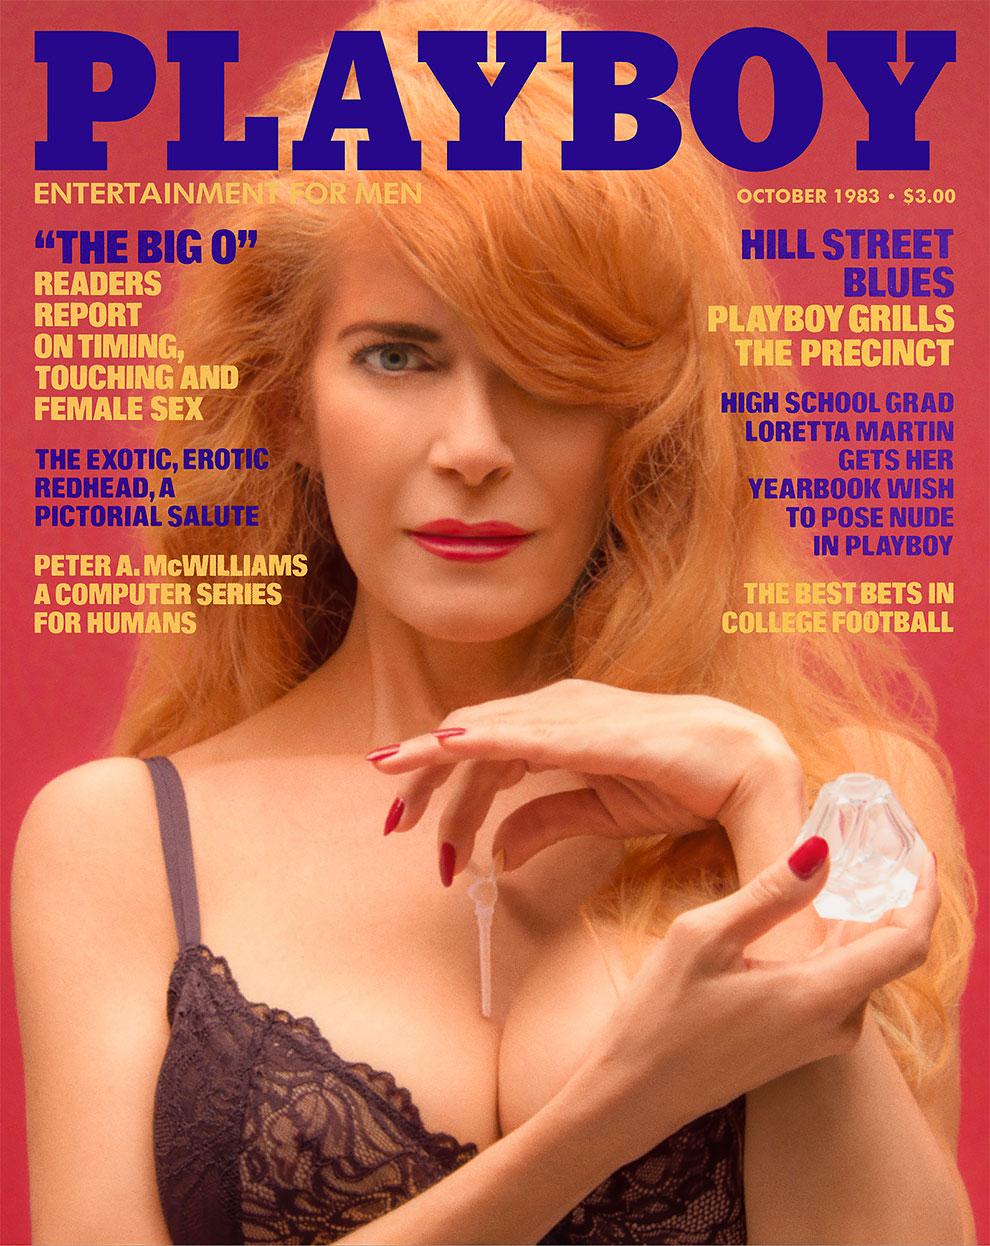 30 лет спустя: журнал Playboy воссоздал свои культовые обложки с теми же моделями 6